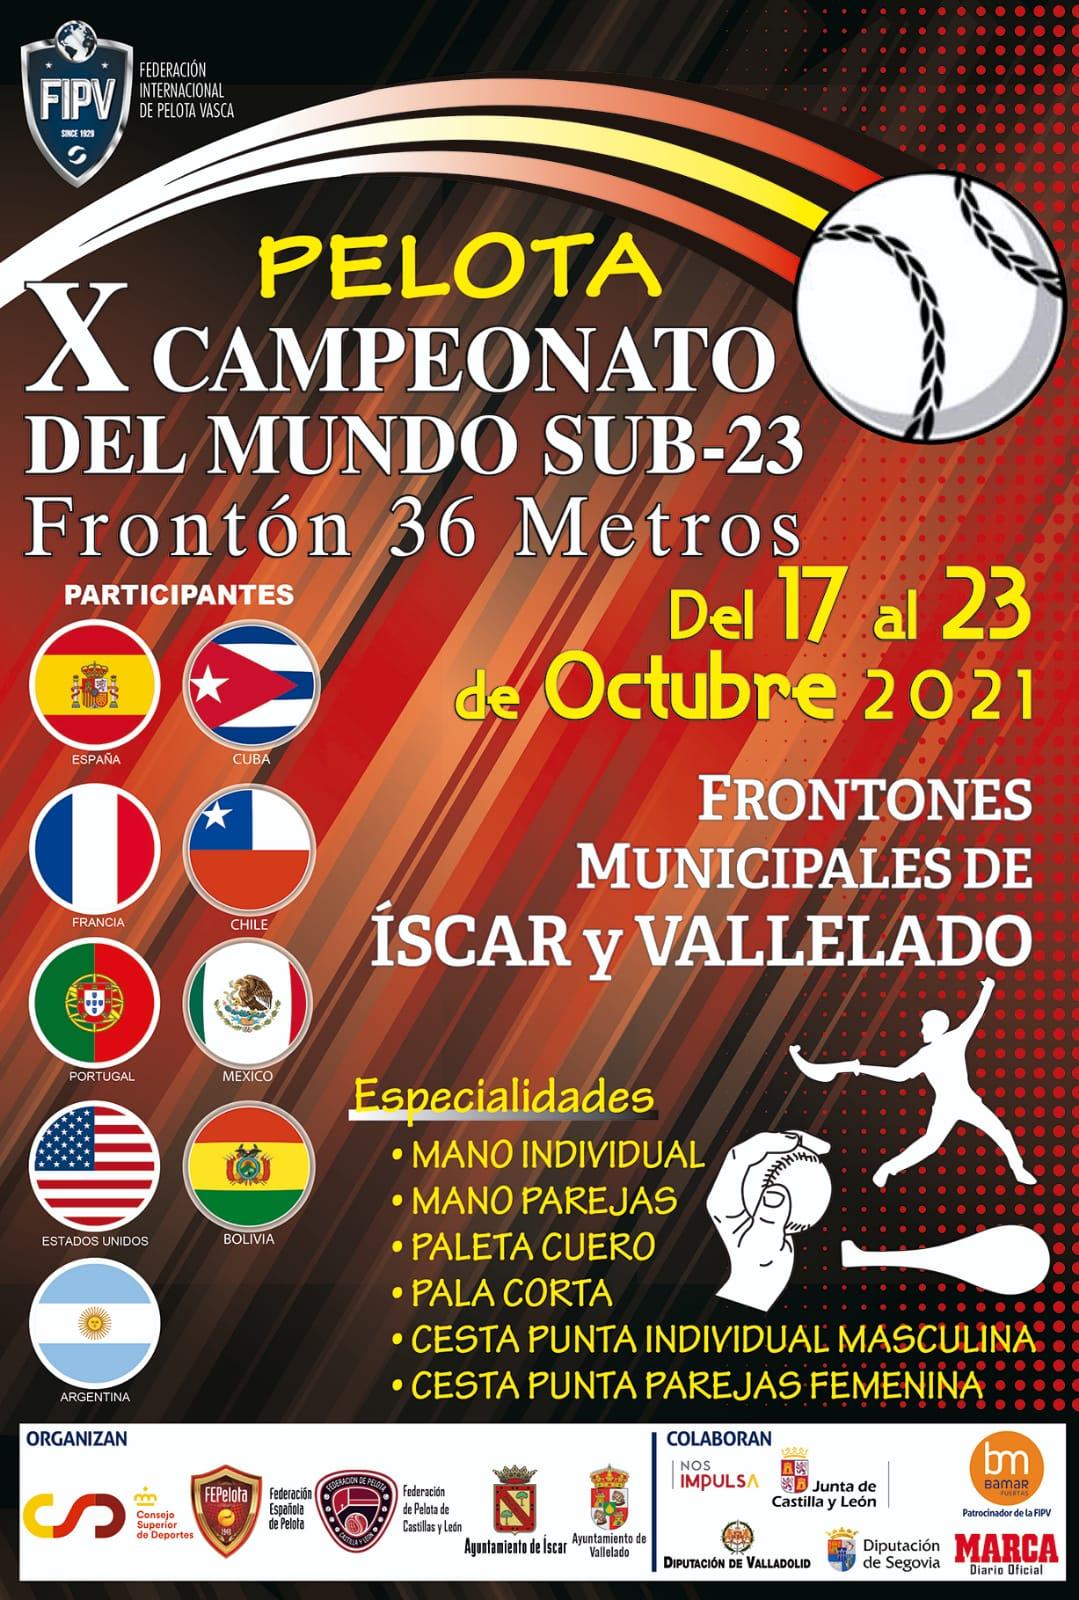 X Campeonato del Mundo Sub-23 Frontón 36 metros